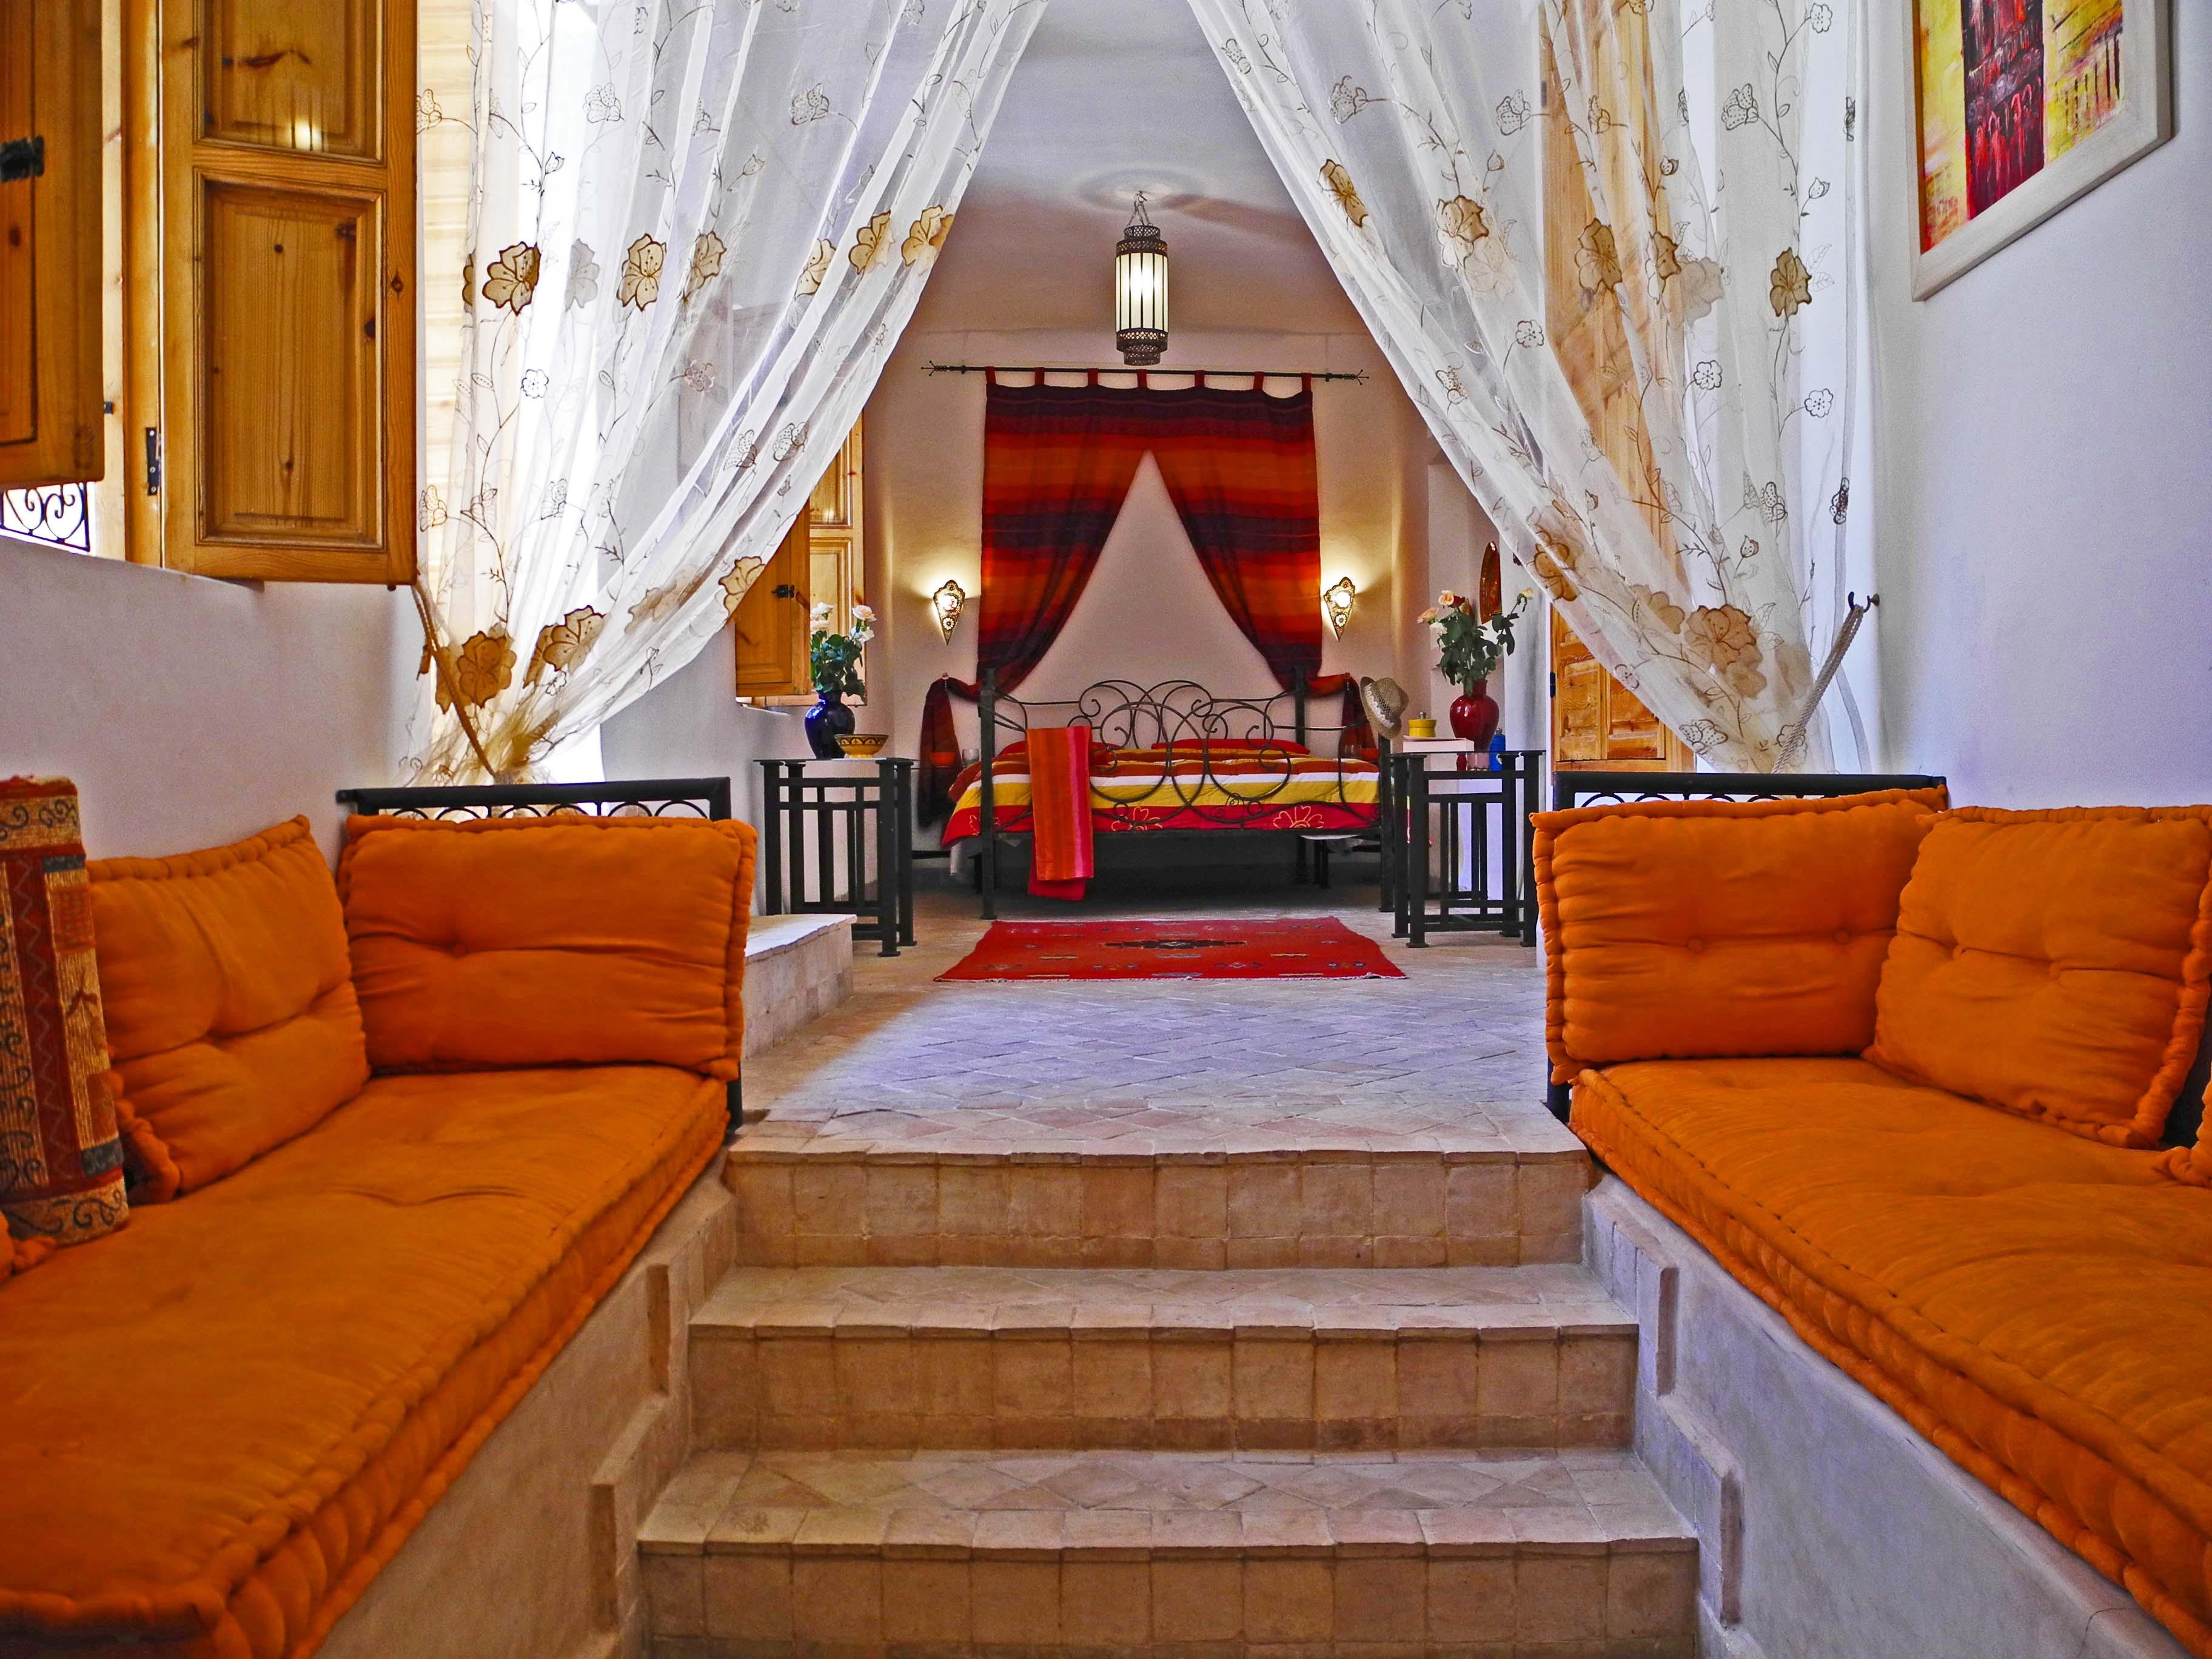 coole wohnidee trepperaum mit sitzecke und bodenkissen orange